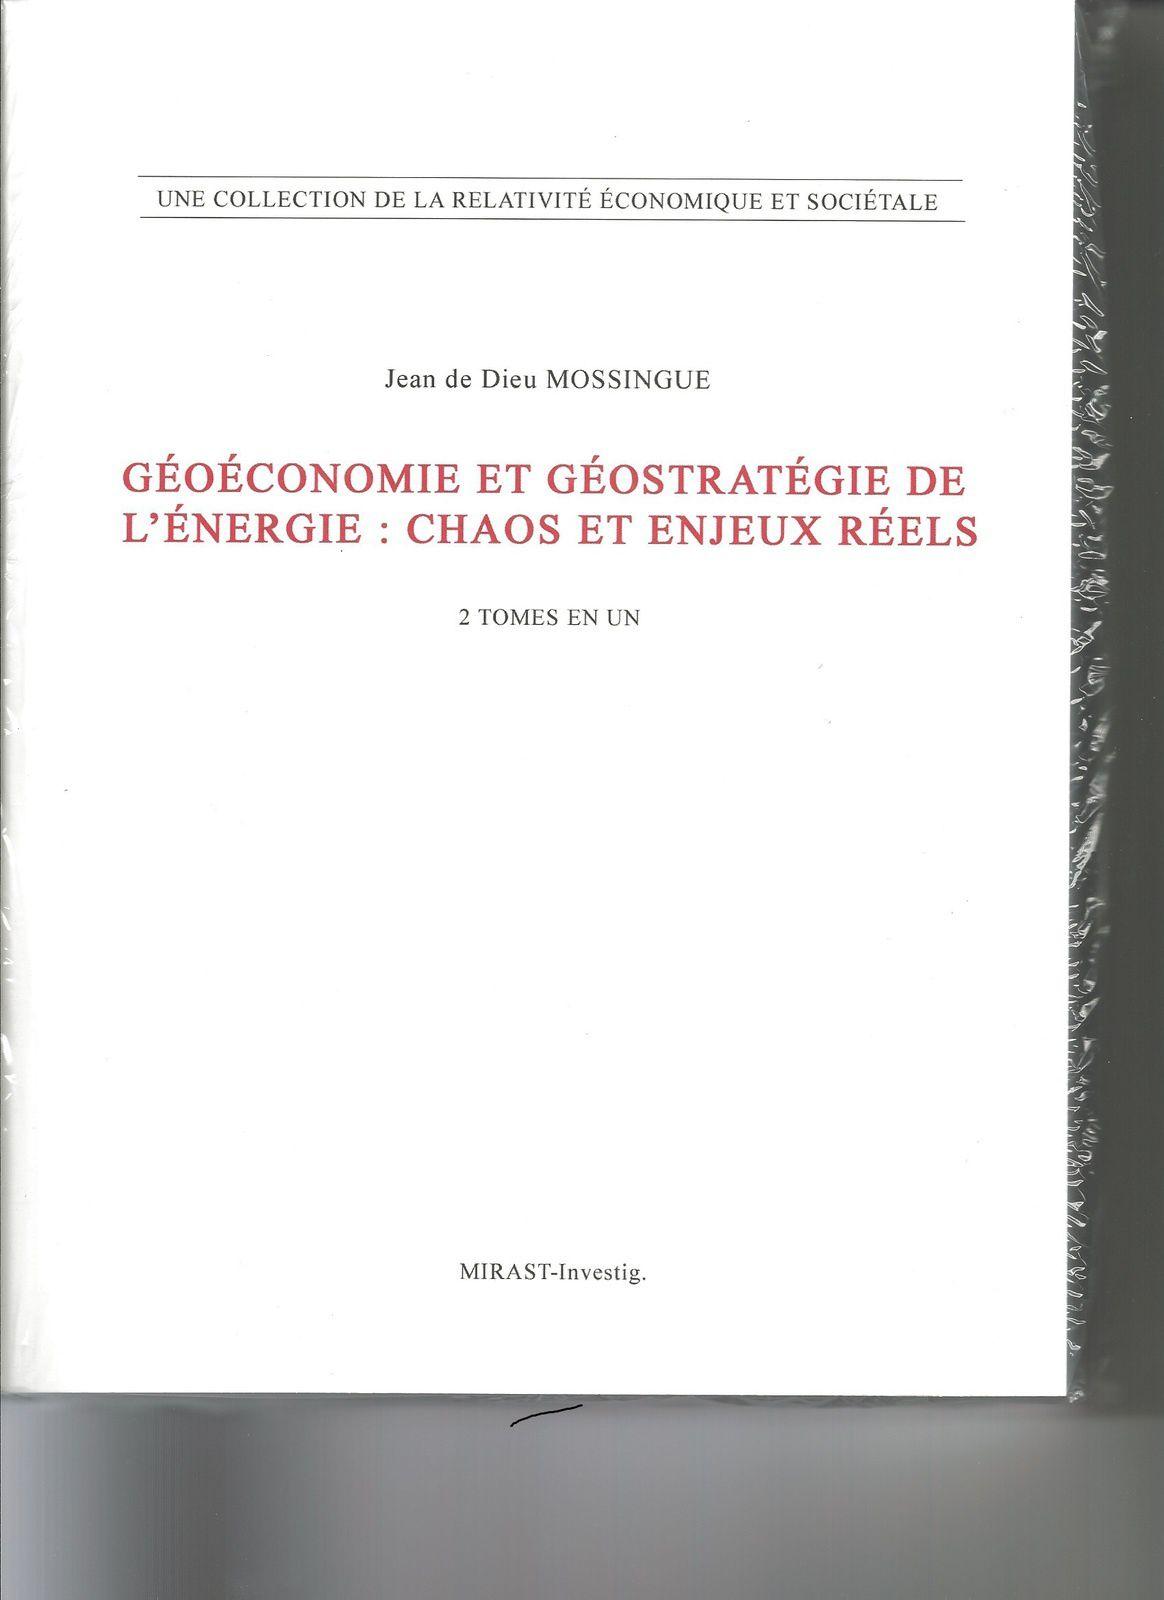 GÉOÉCONOMIE ET GÉOSTRATÉGIE DE L'ÉNERGIE: CHAOS ET ENJEUX RÉELS